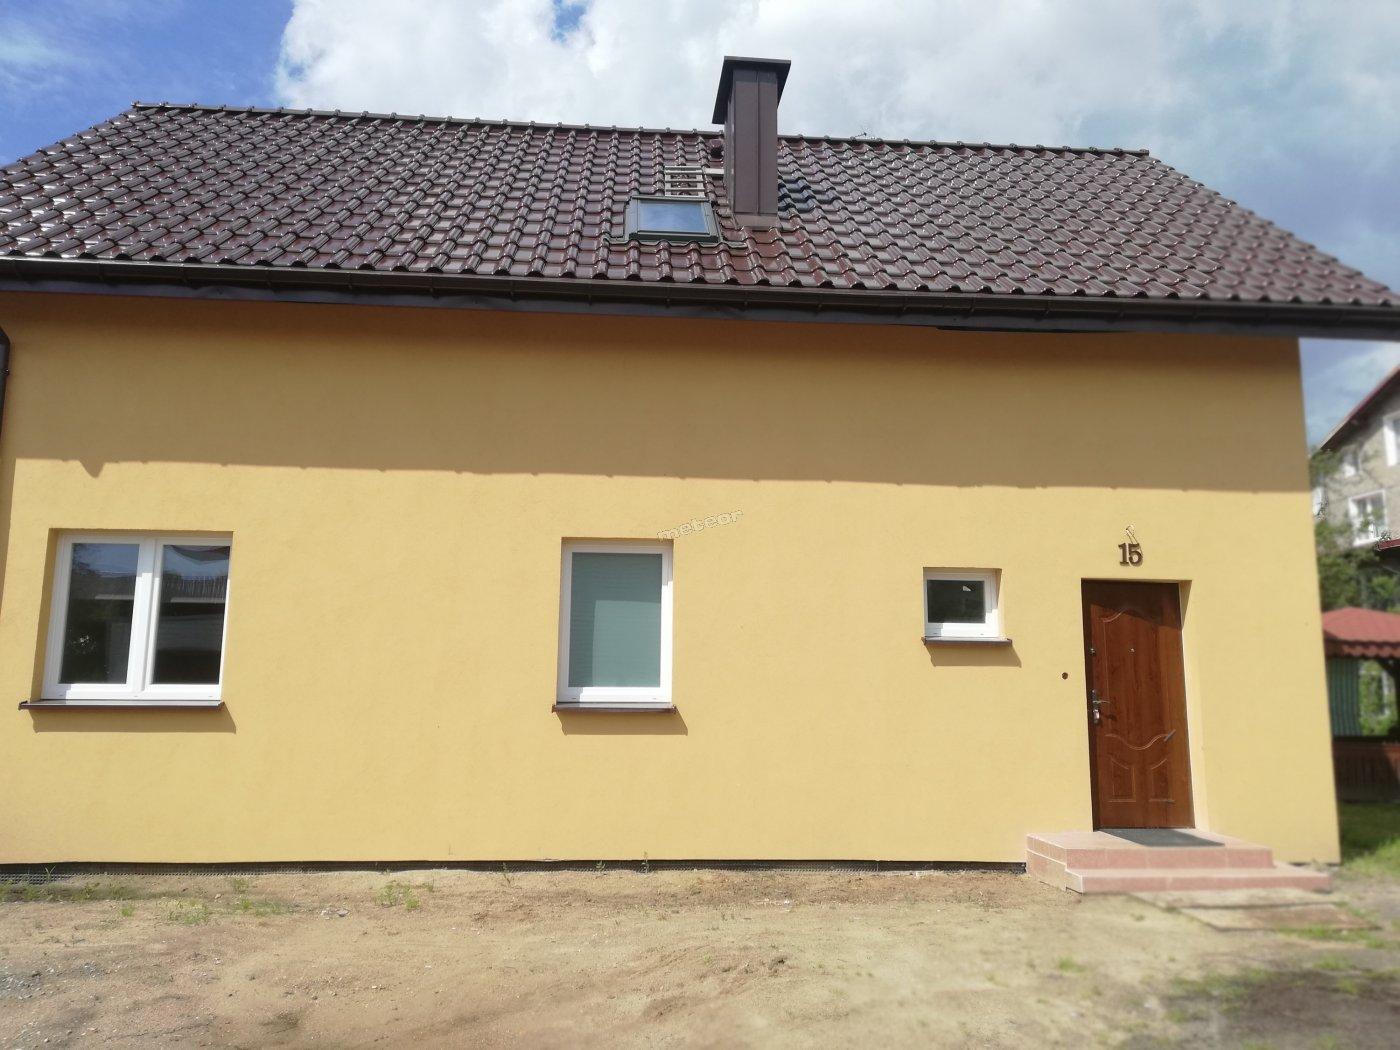 Dom posiada 7 pokoi